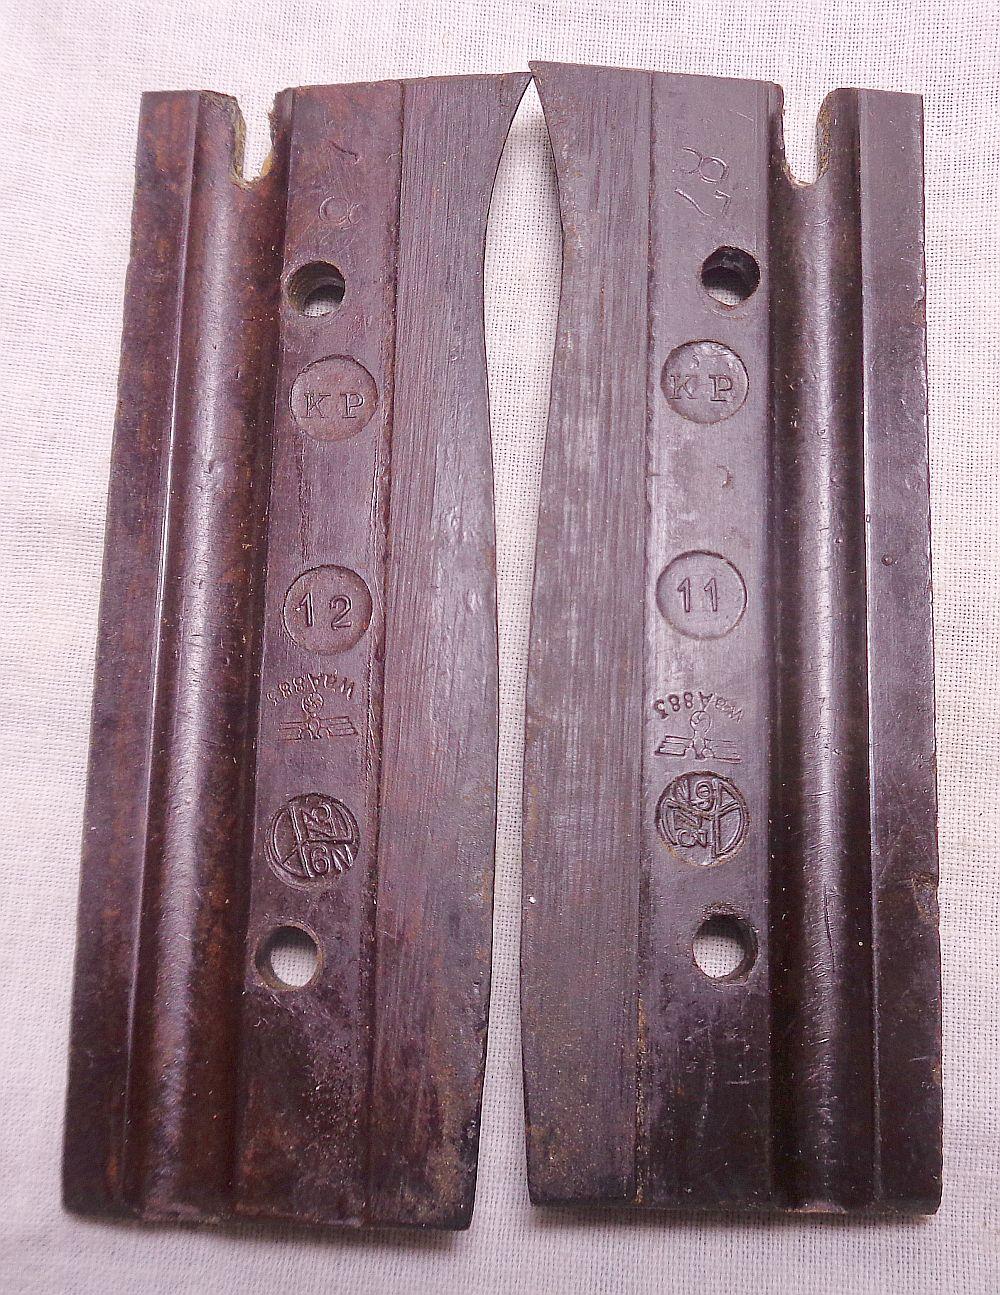 Demande d'identification de marques sur une baionnette K98 Dsc03818